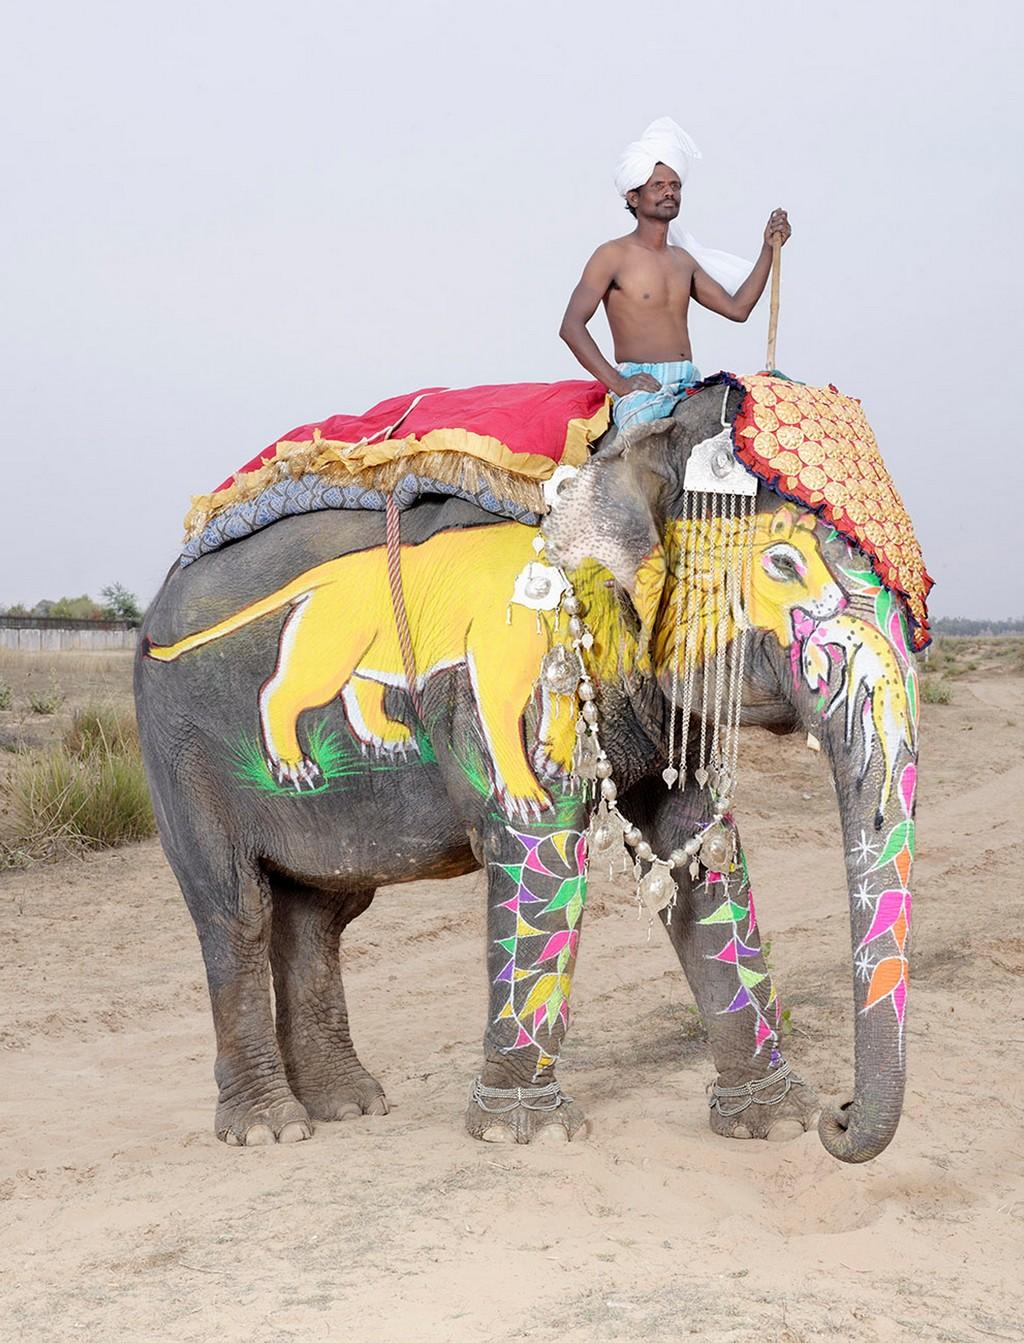 raspisnye slony 4